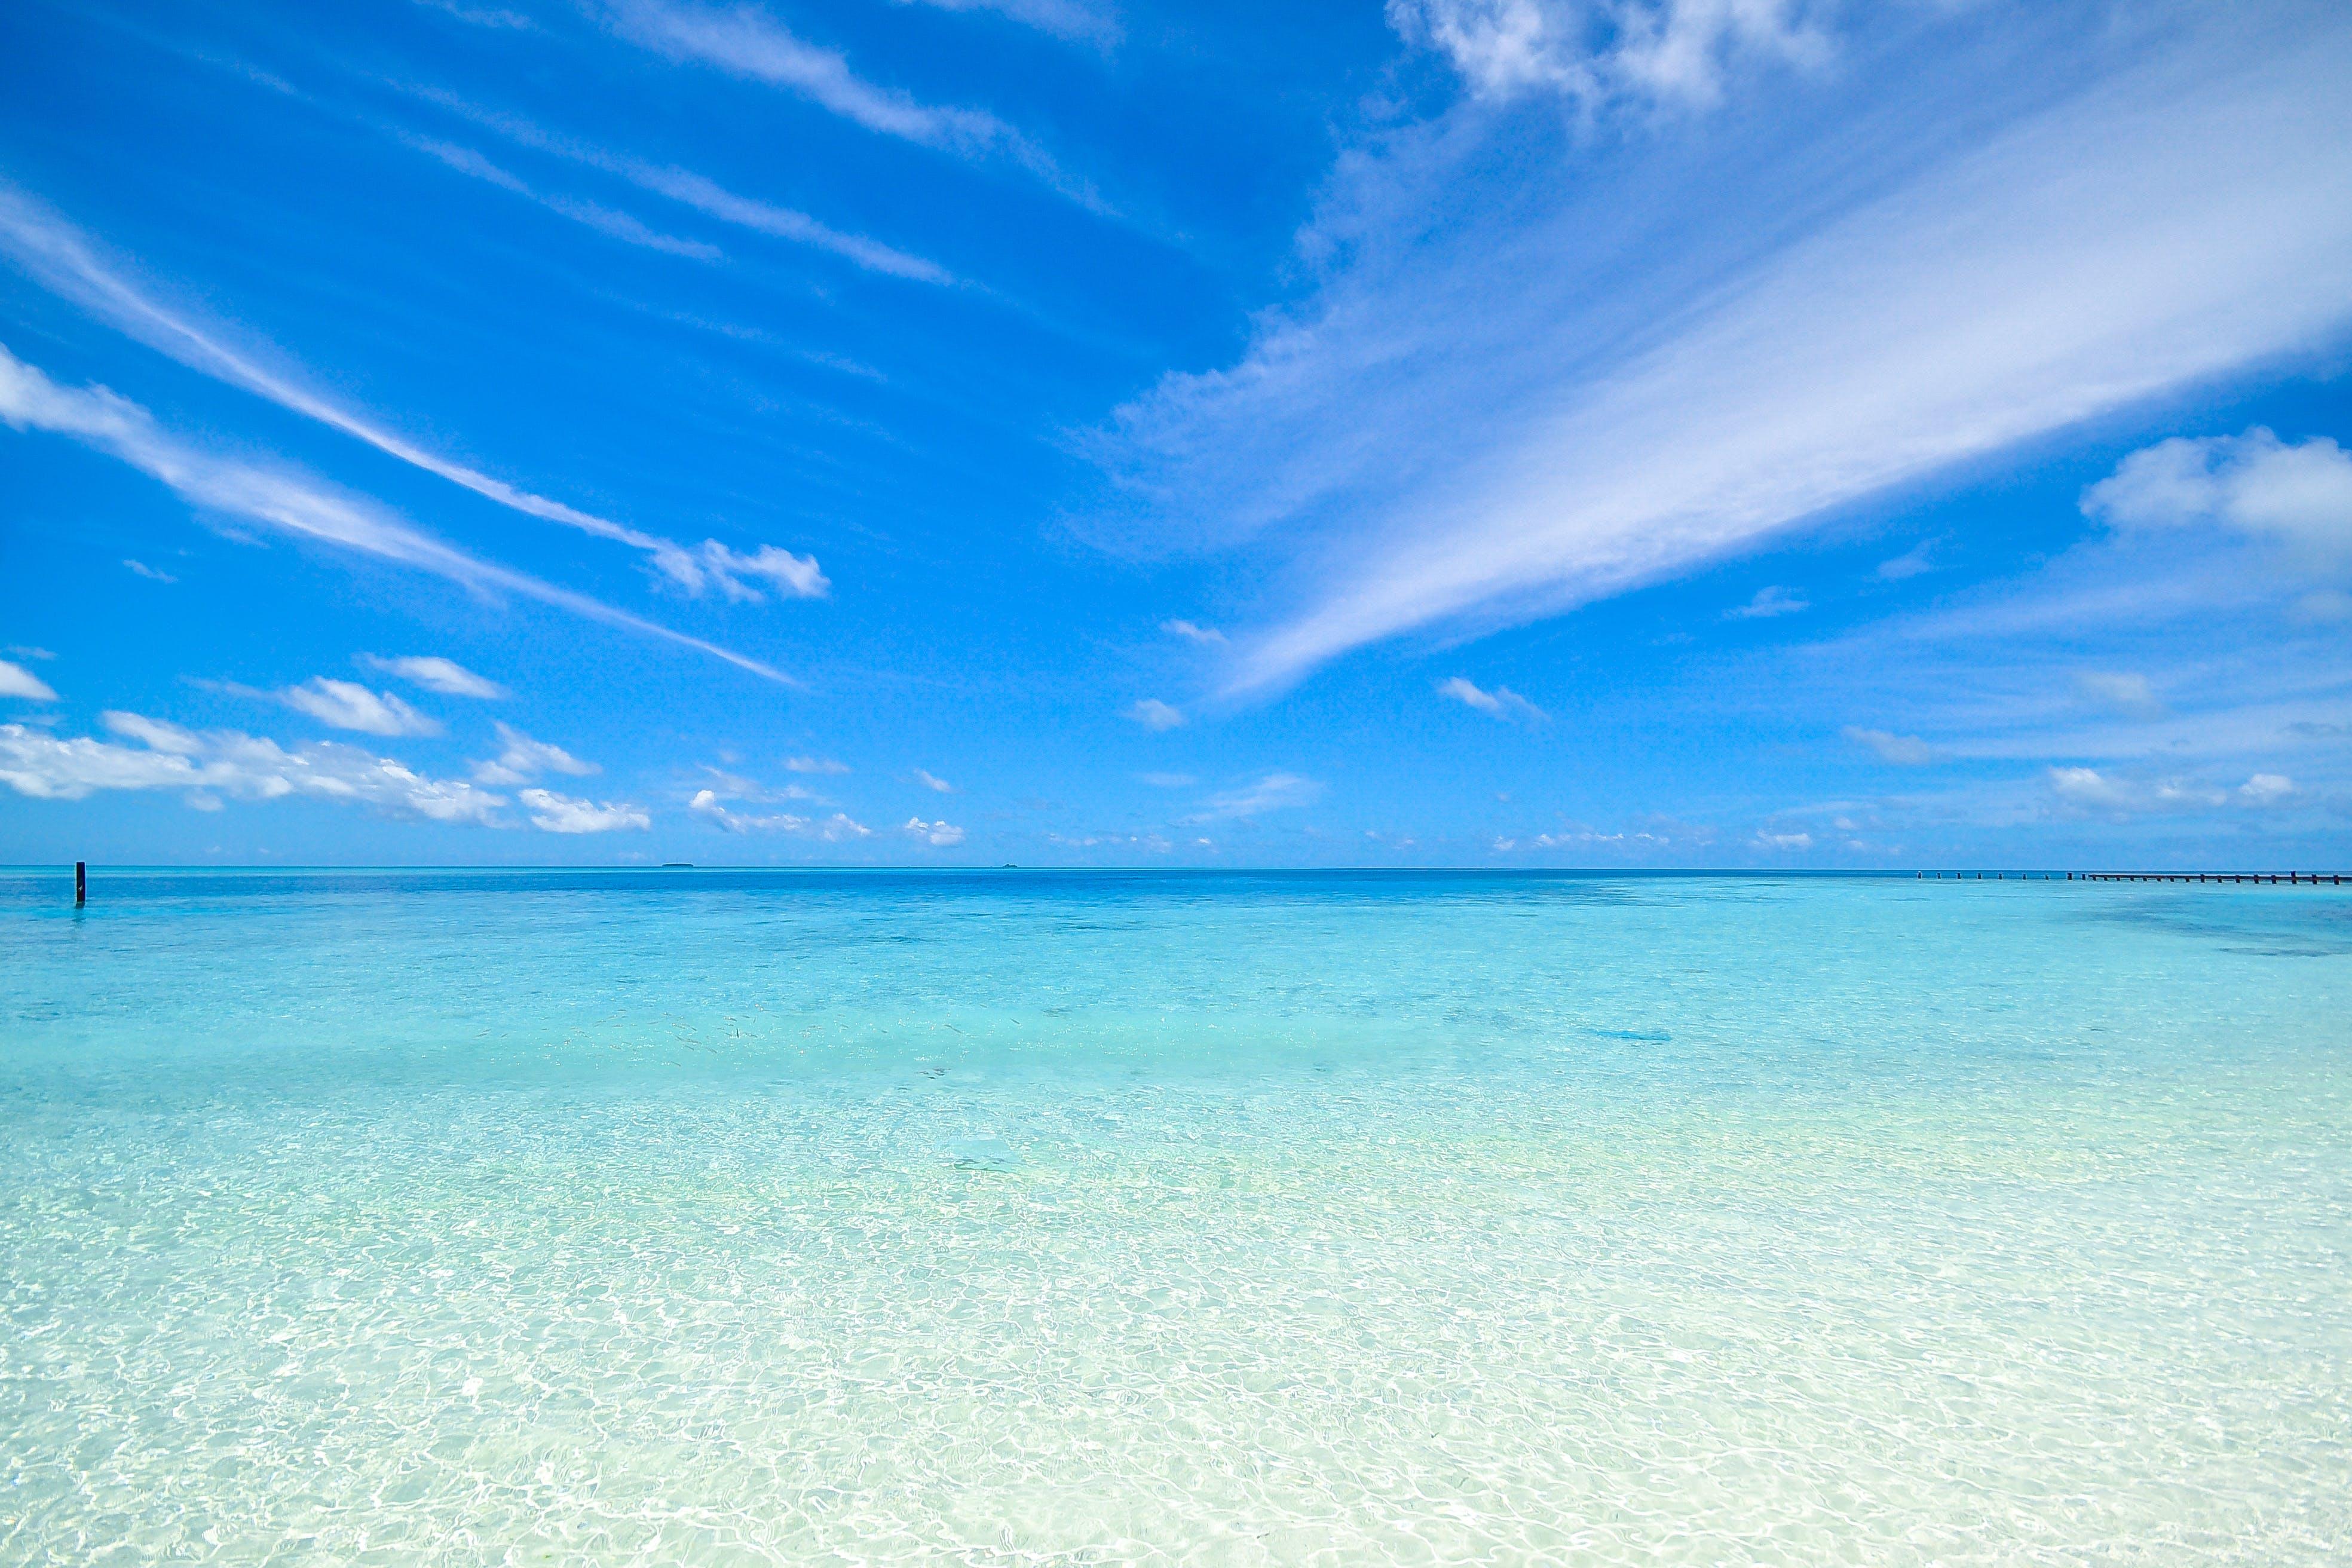 beach, calm, clouds